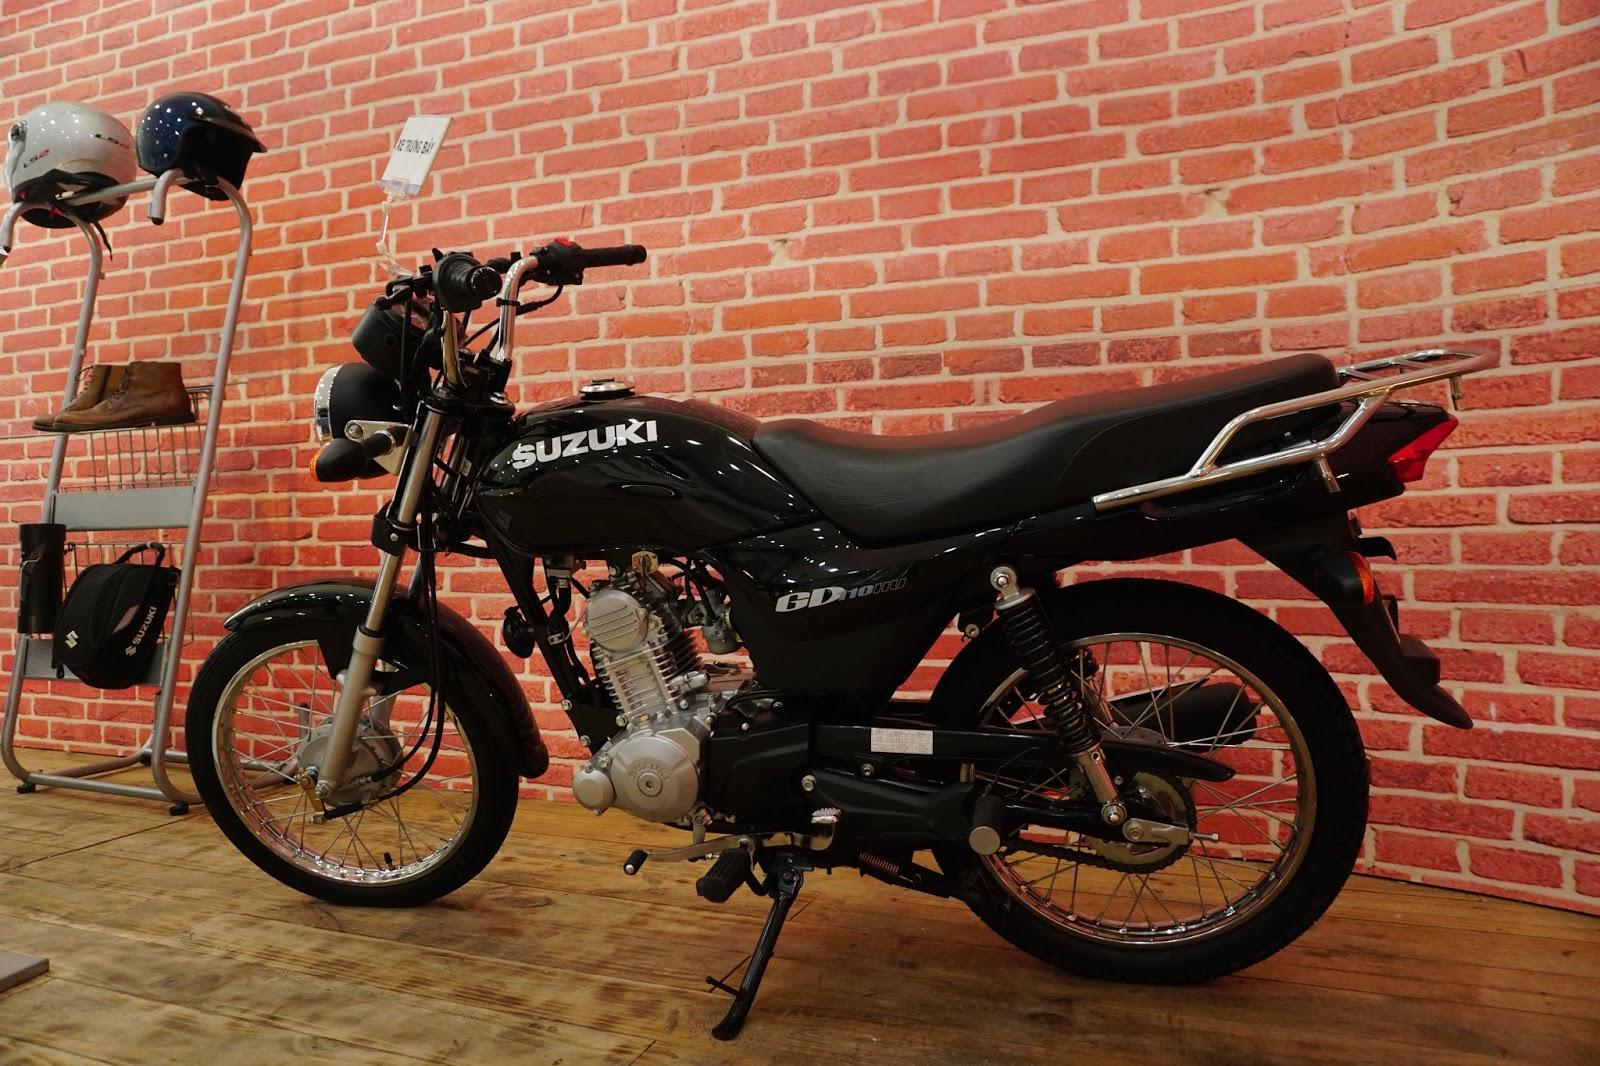 Đánh giá xe Suzuki GD110 - Chất, giá rẻ, phong cách núi rừng - landgonow